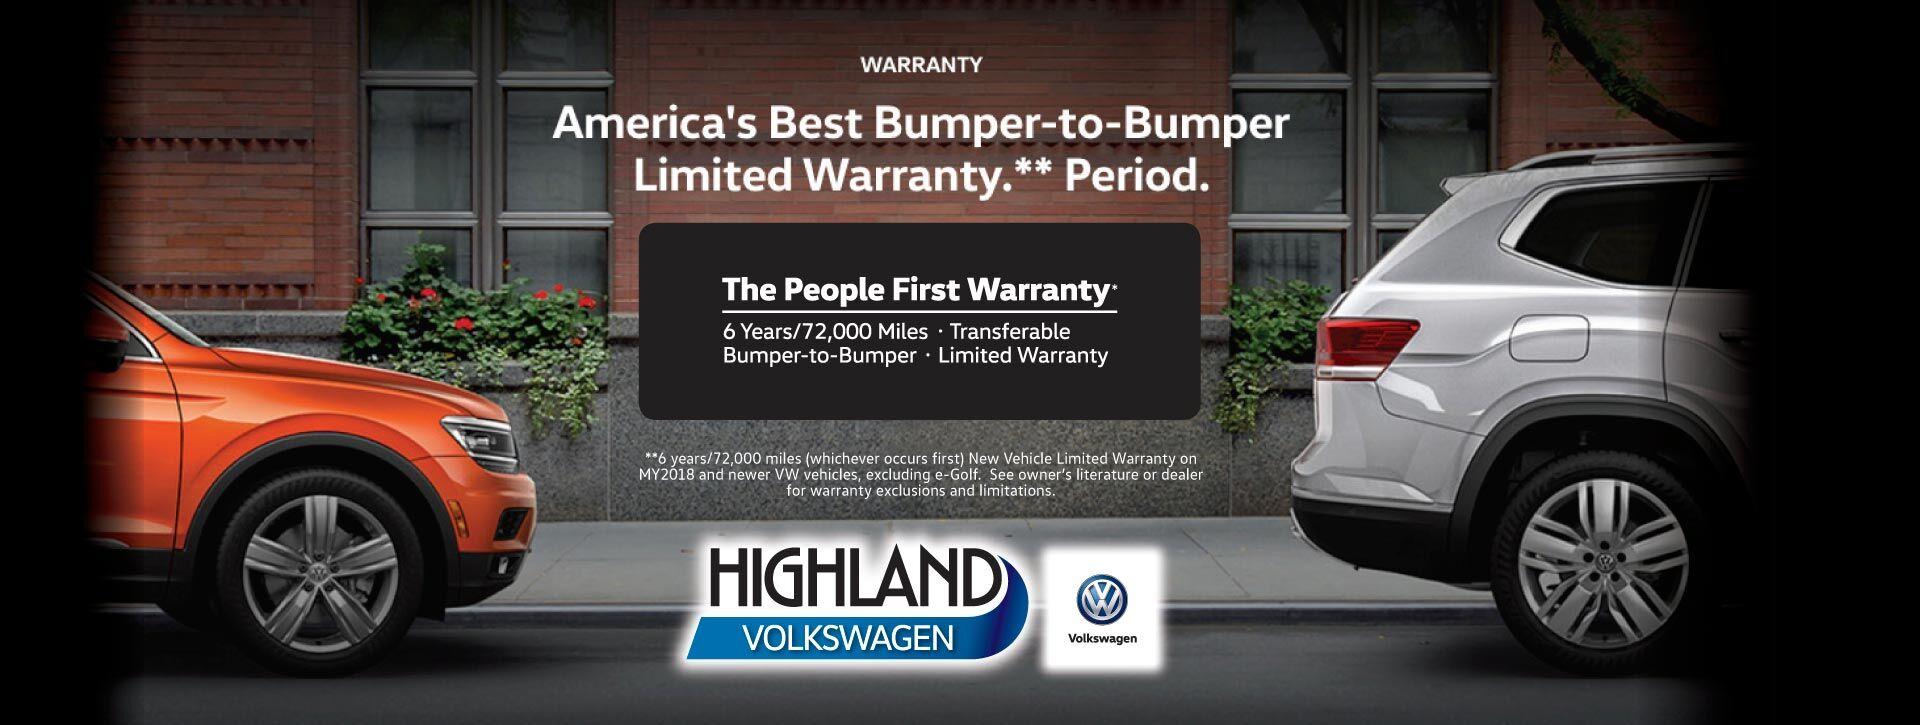 Highland VW   Volkswagen Dealer in Highland & Hammond, IN